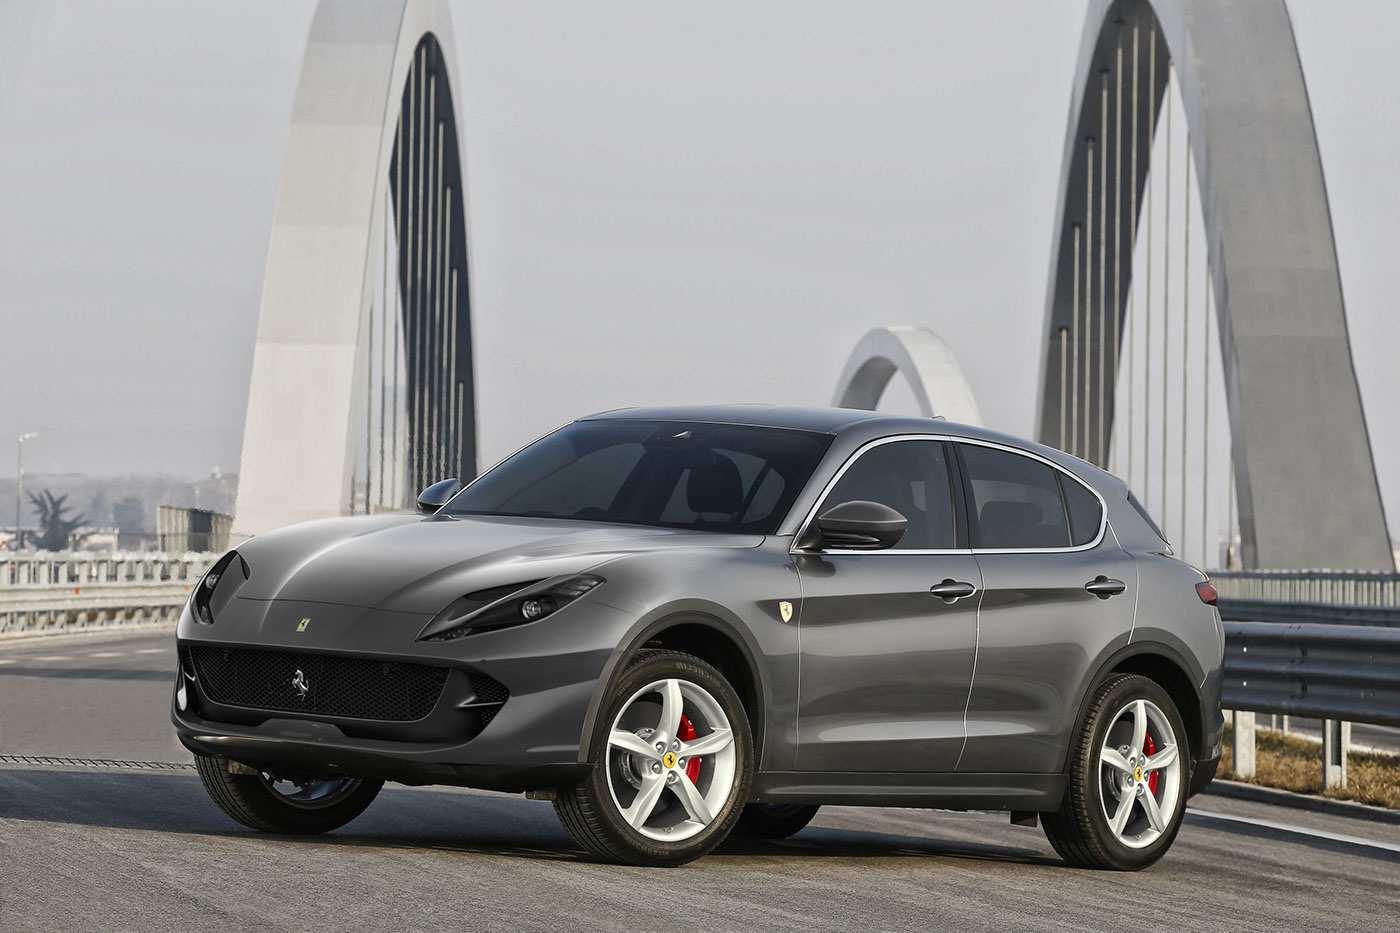 27 Concept of 2019 Ferrari Suv Ratings with 2019 Ferrari Suv